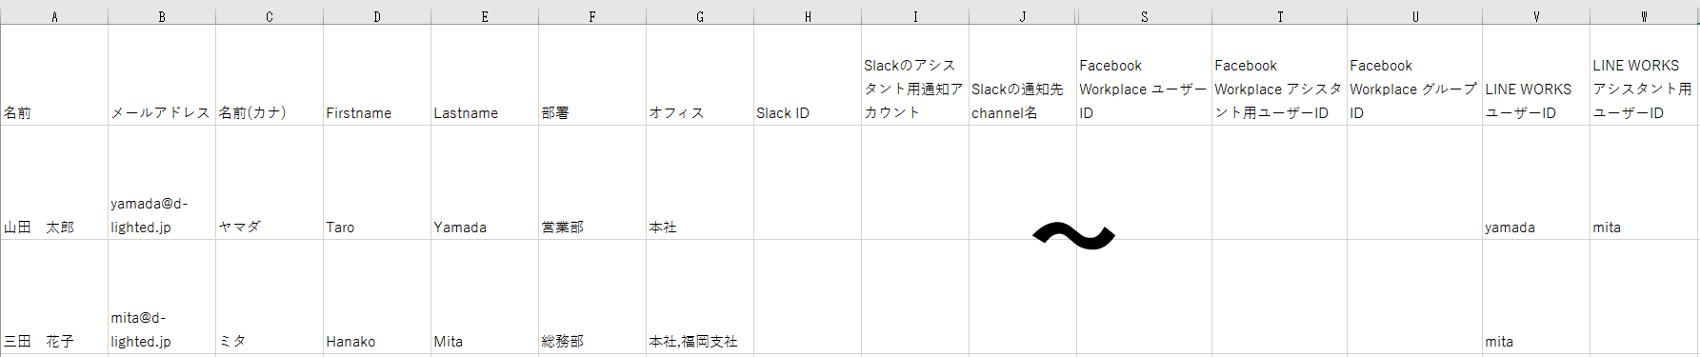 sample_epcsv_line2